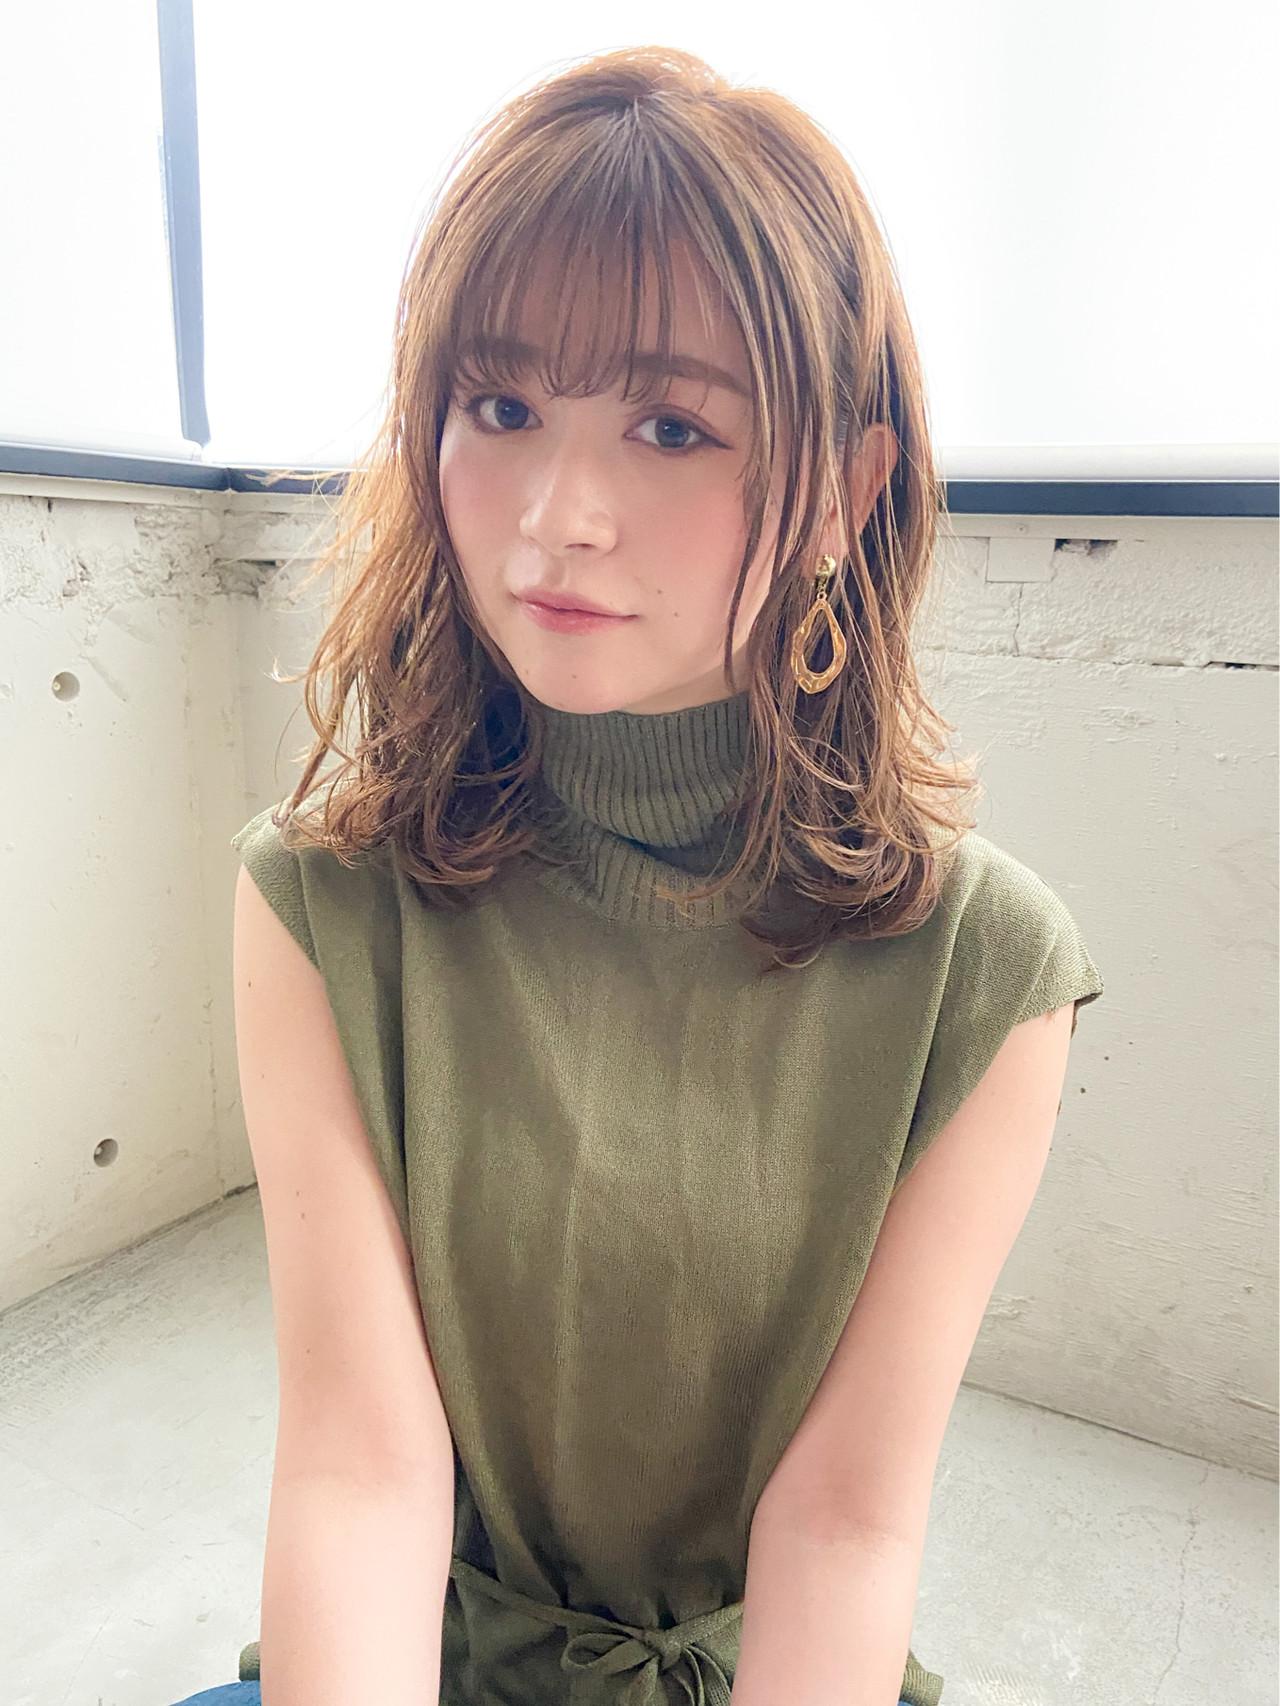 アンニュイほつれヘア フェミニン 毛先パーマ デジタルパーマ ヘアスタイルや髪型の写真・画像